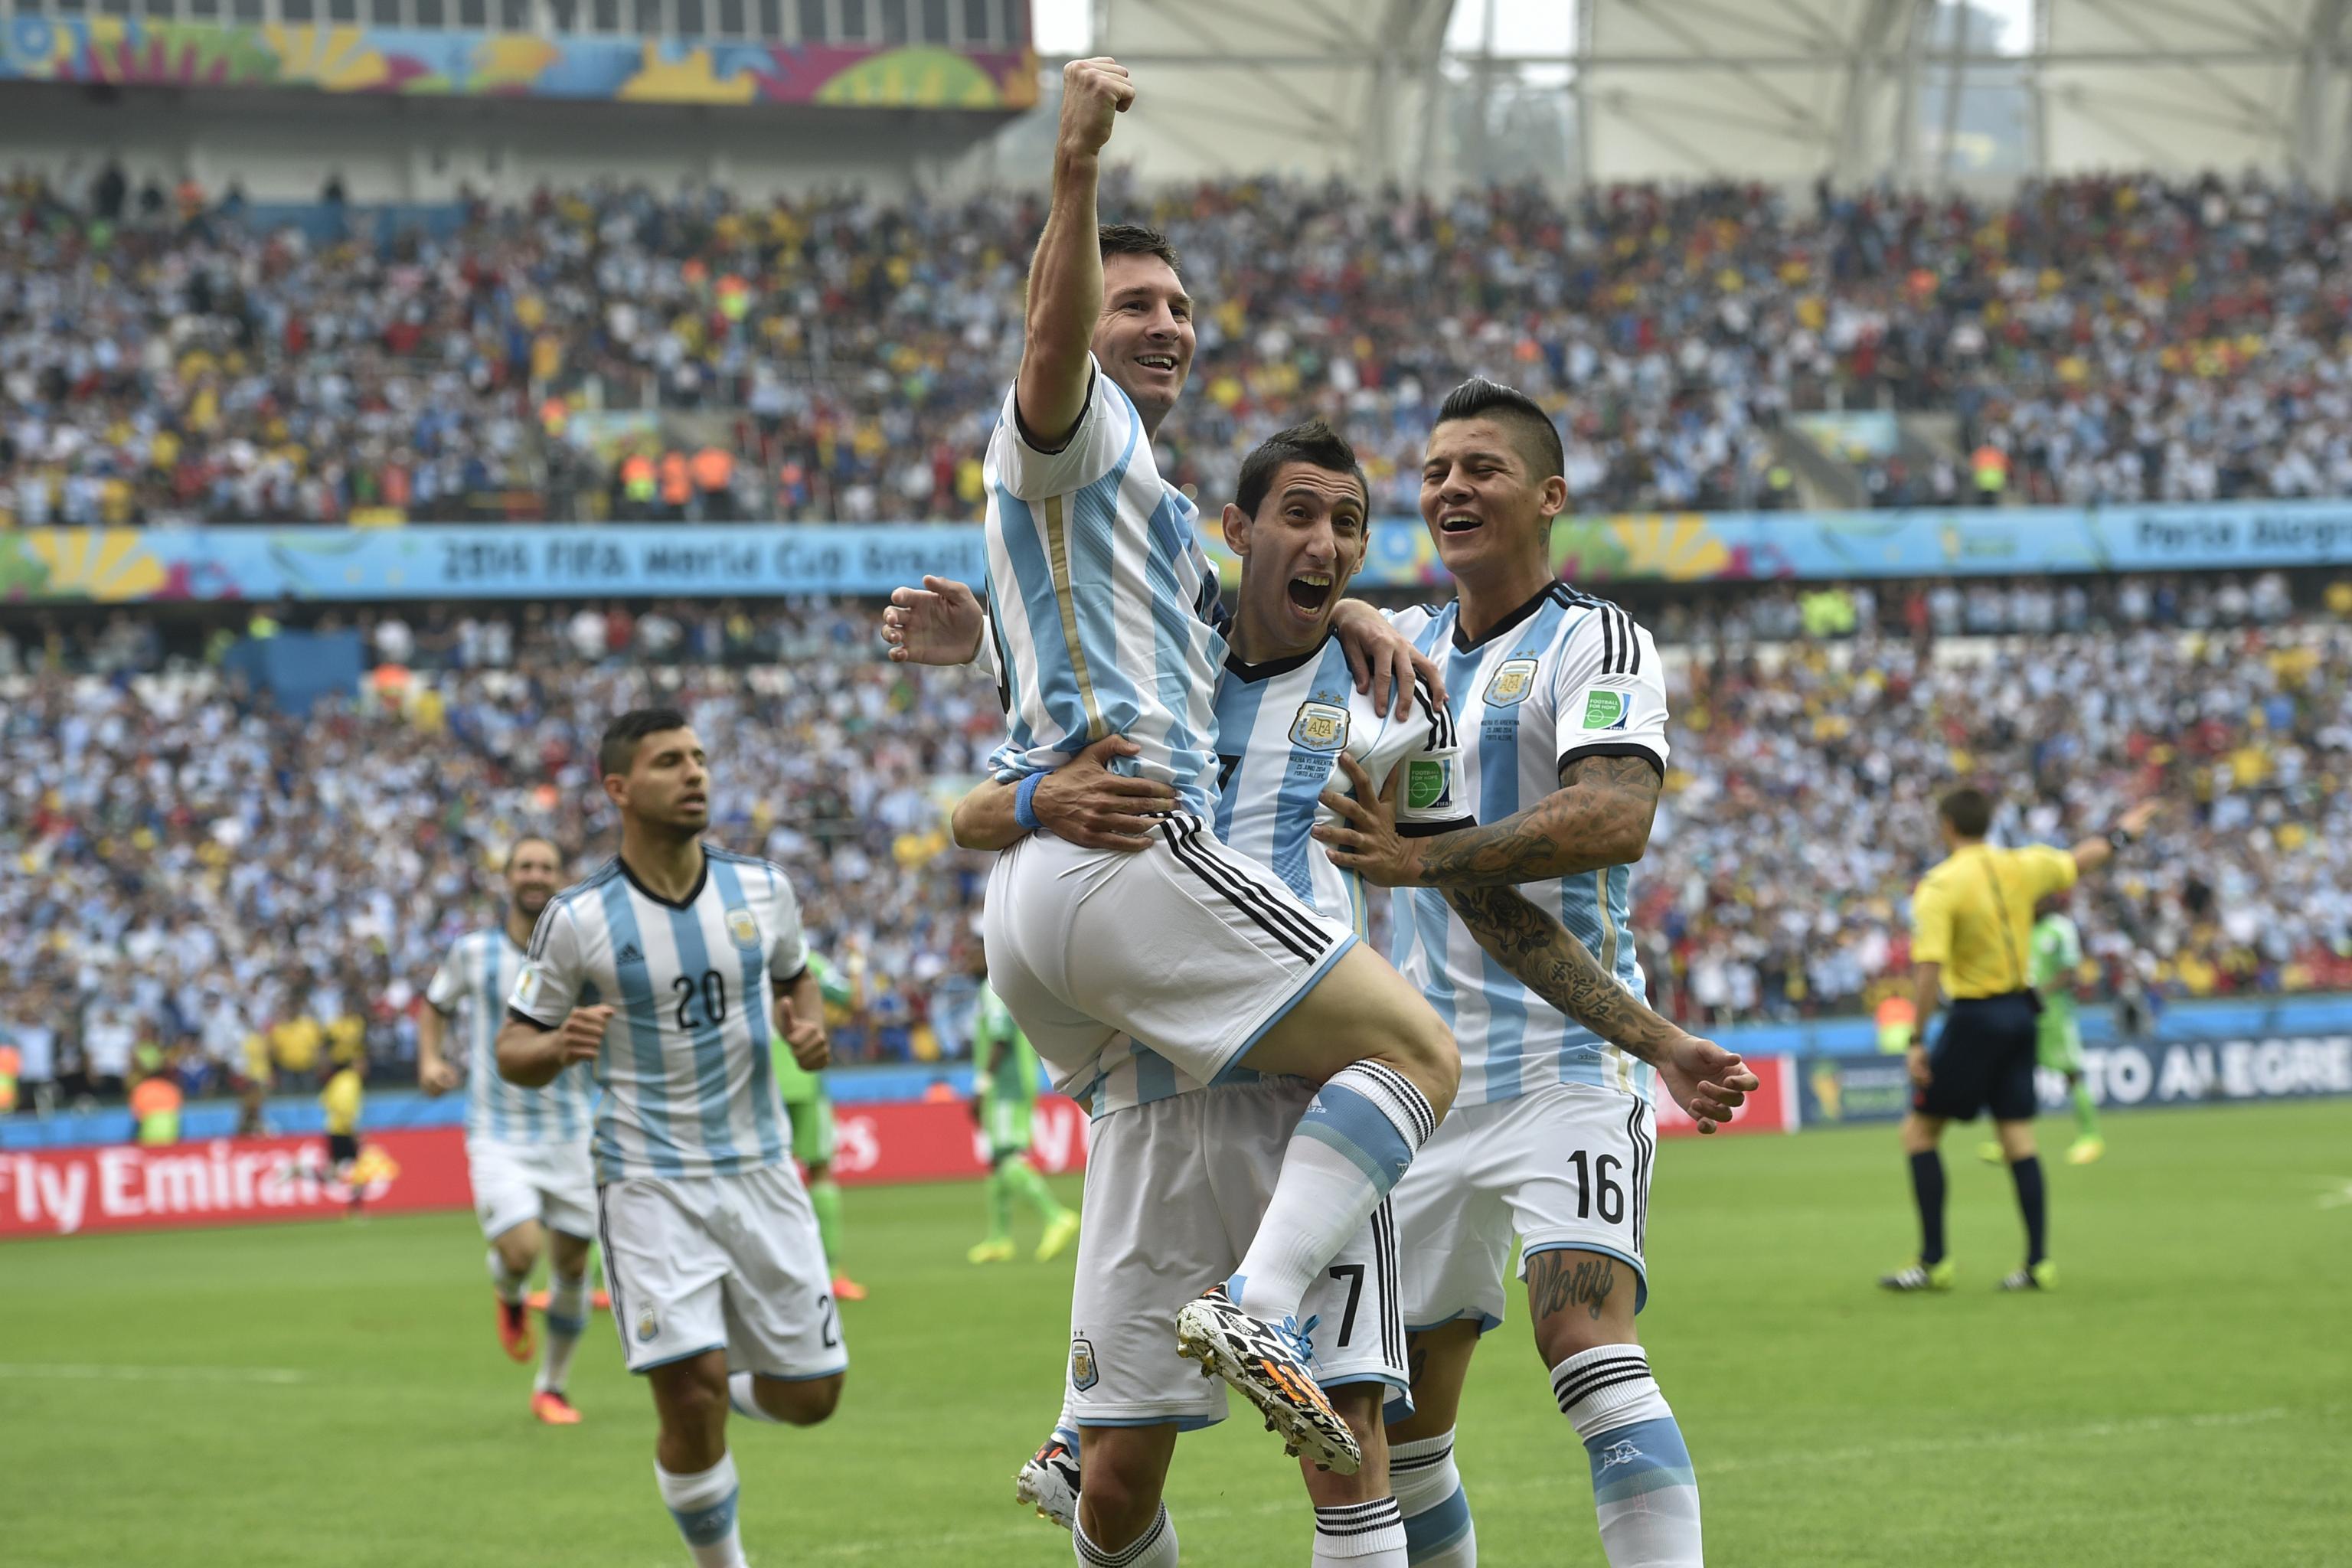 argentina belgium betting predictions against the spread